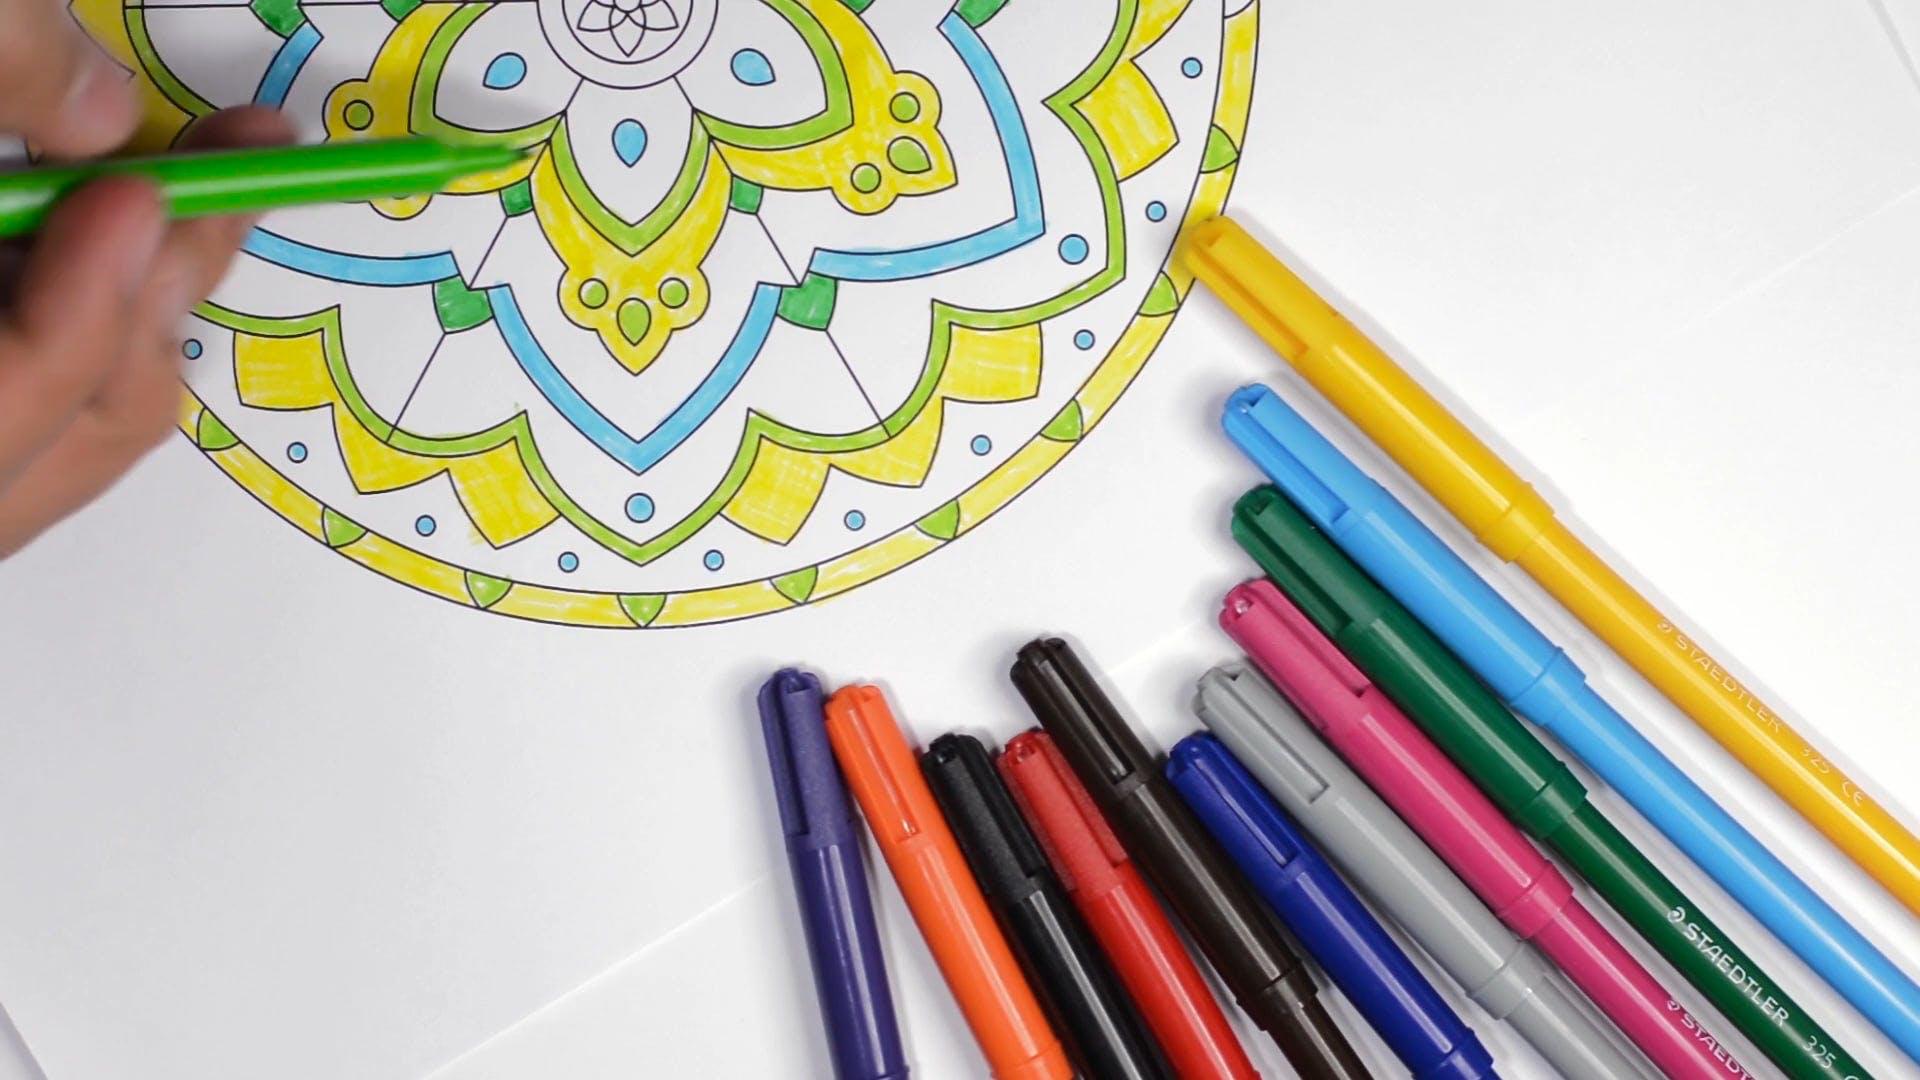 Coloring Art Materials